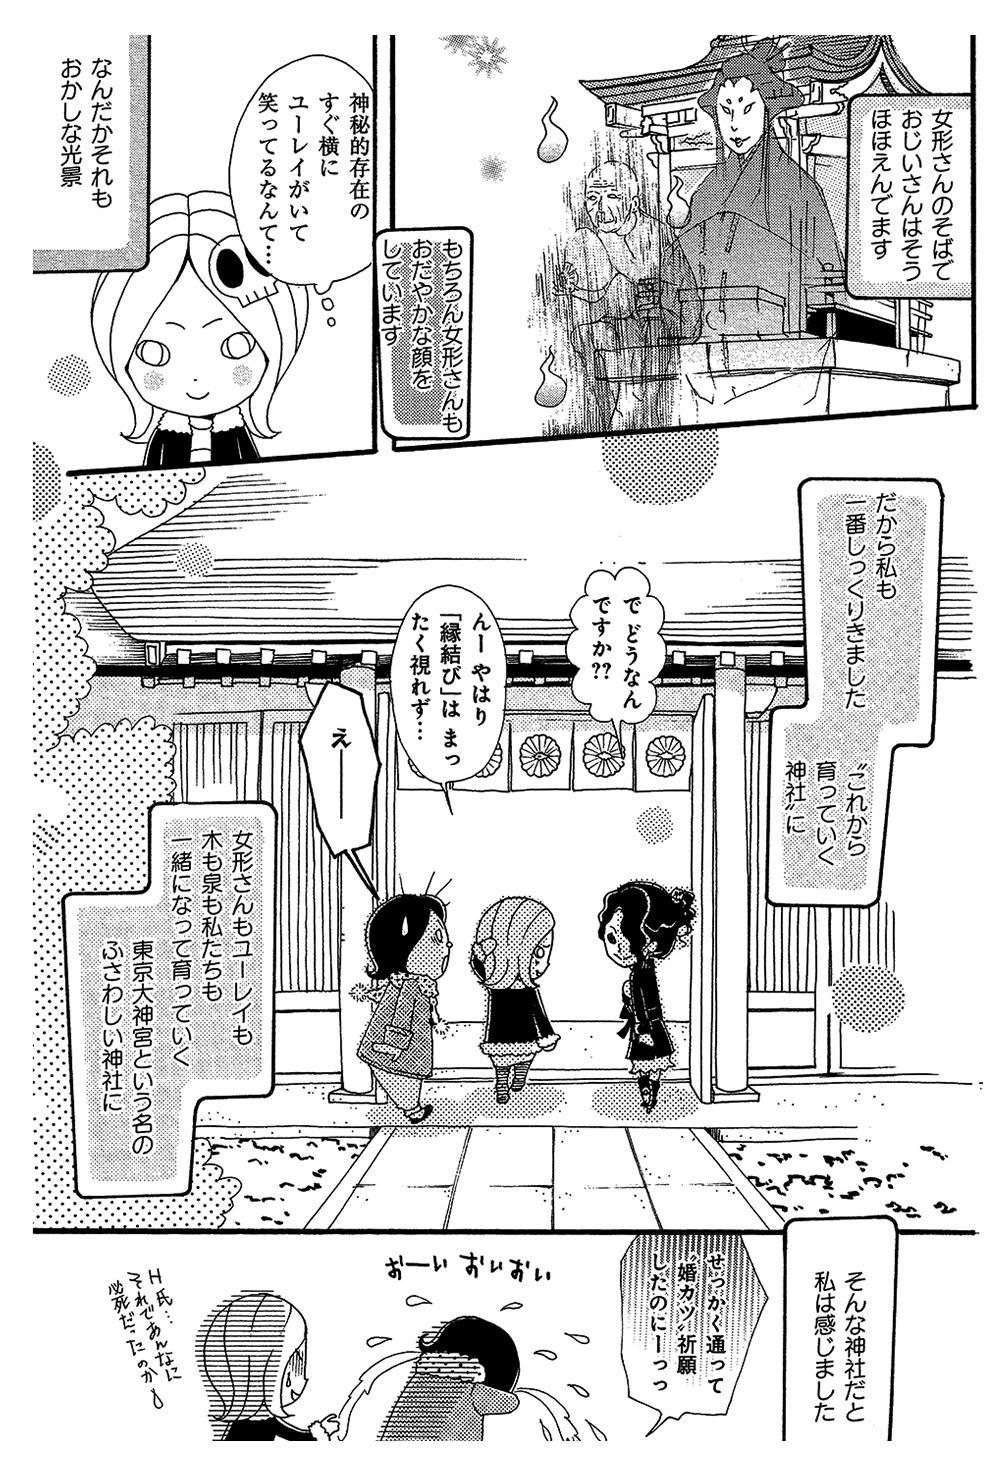 スピ☆散歩 第1話「東京大神宮」②spi0027.jpg